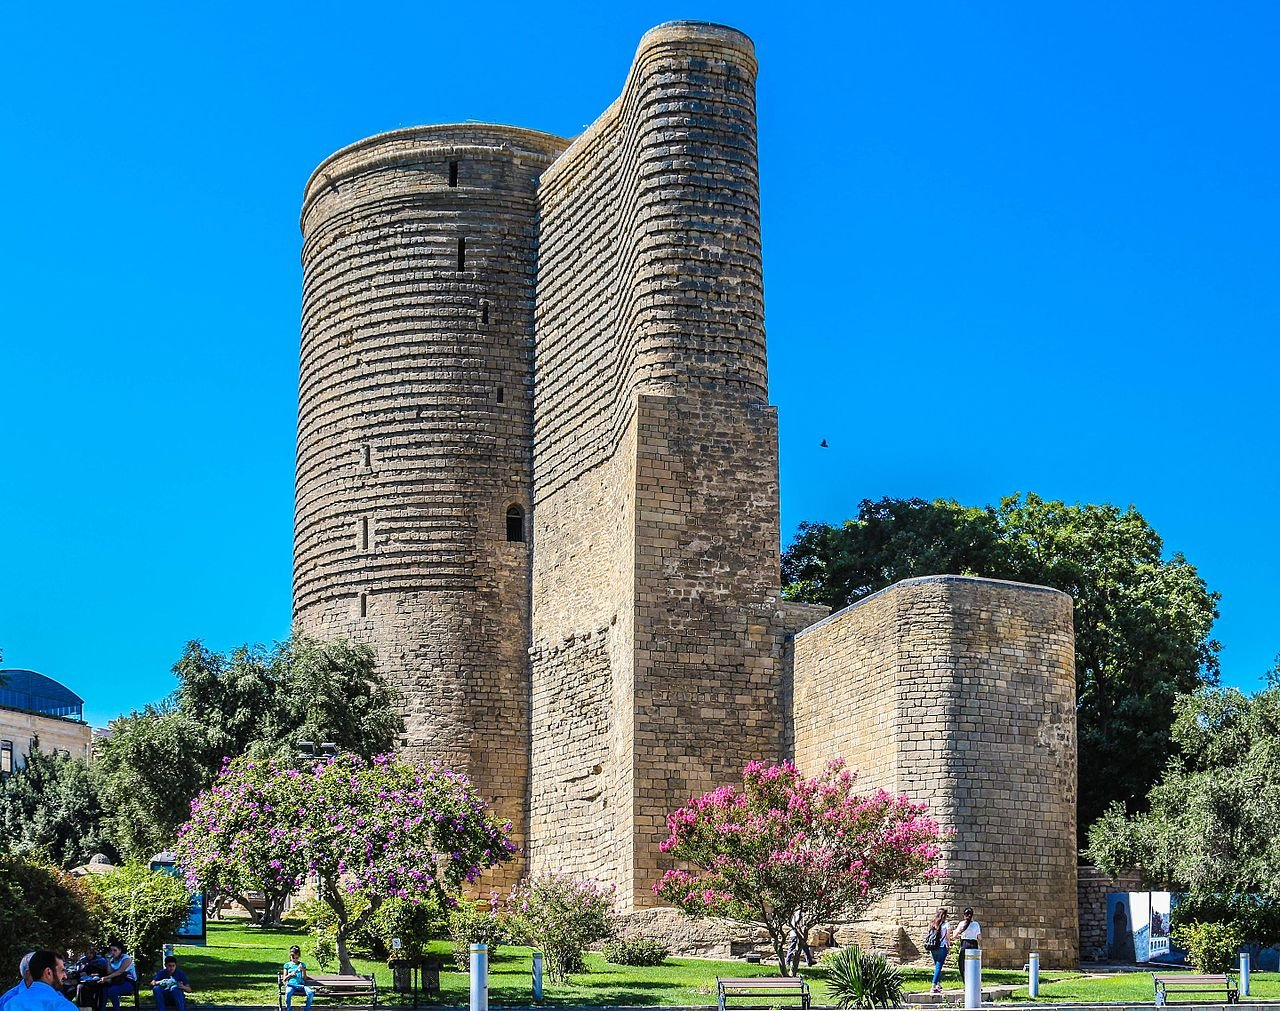 زيارة الى أذربيجان، اكتشفوا اروع معالمها